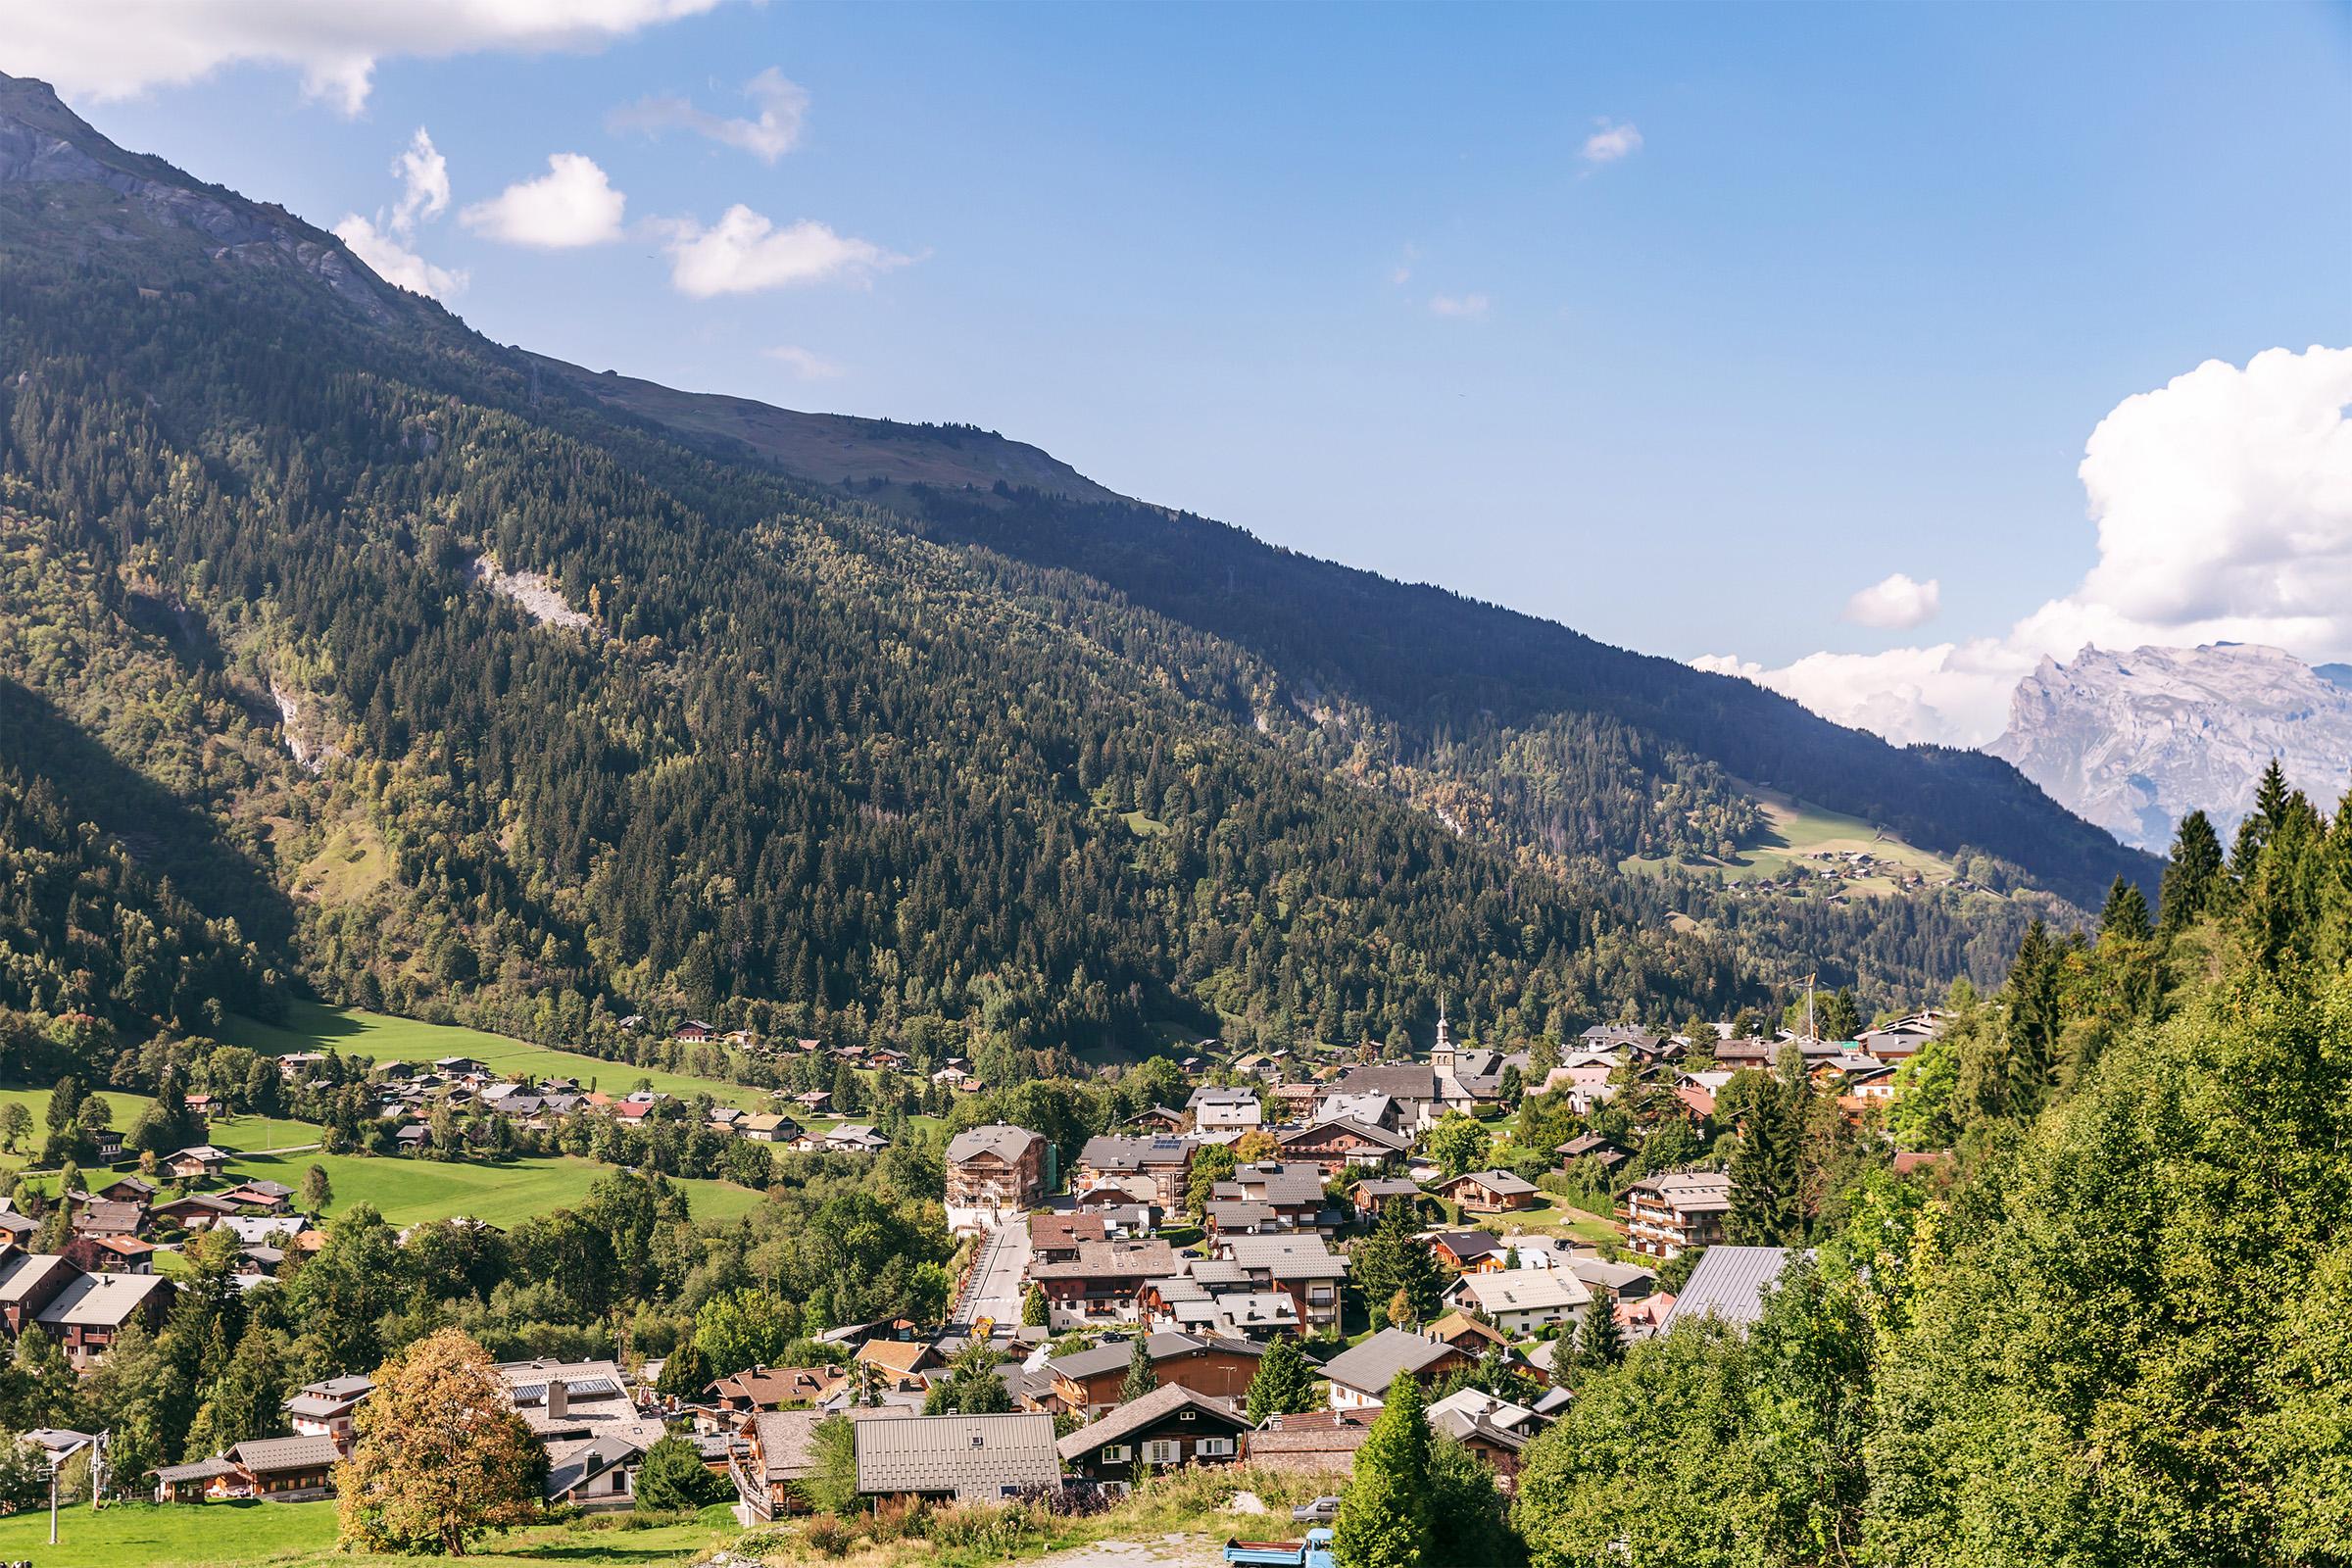 Pretty Alpine Village, French Alps